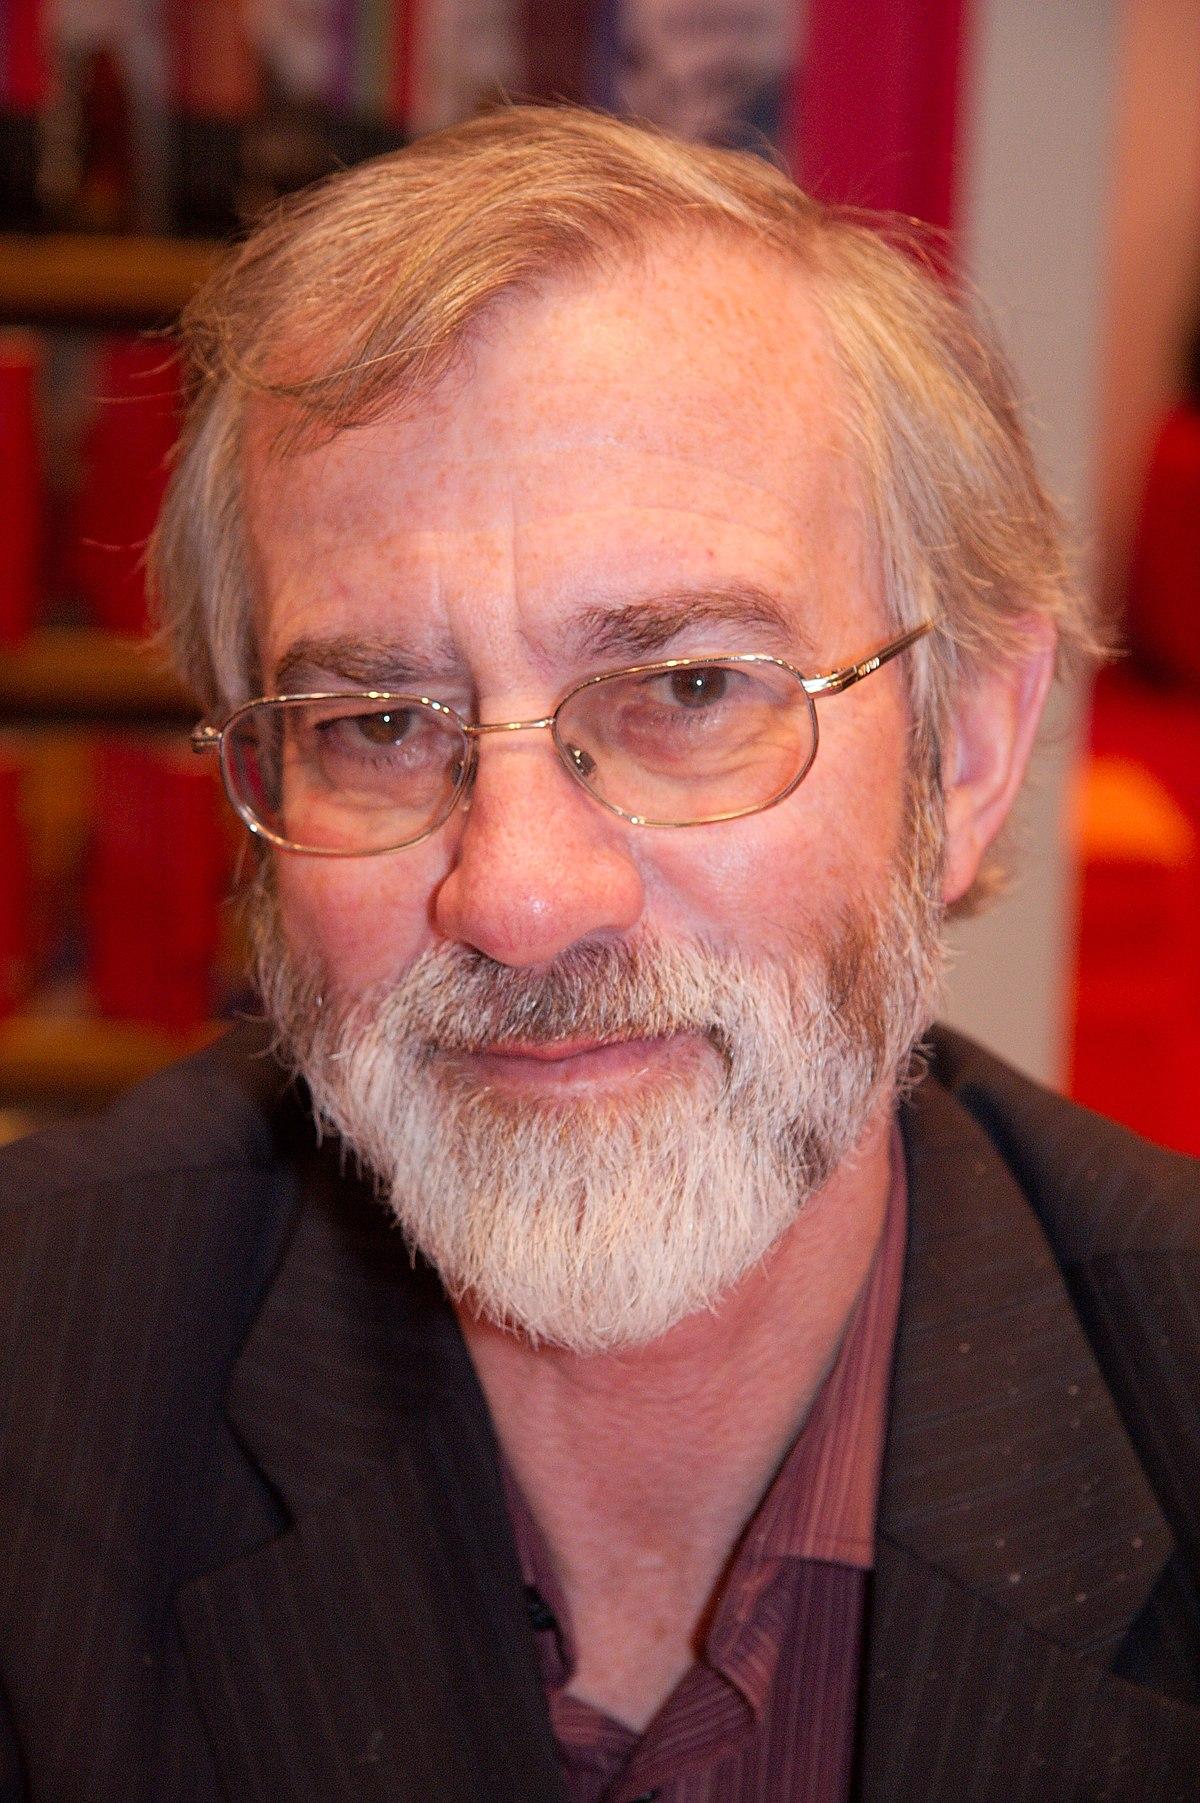 Joseph Delaney - Wikipedia Joseph